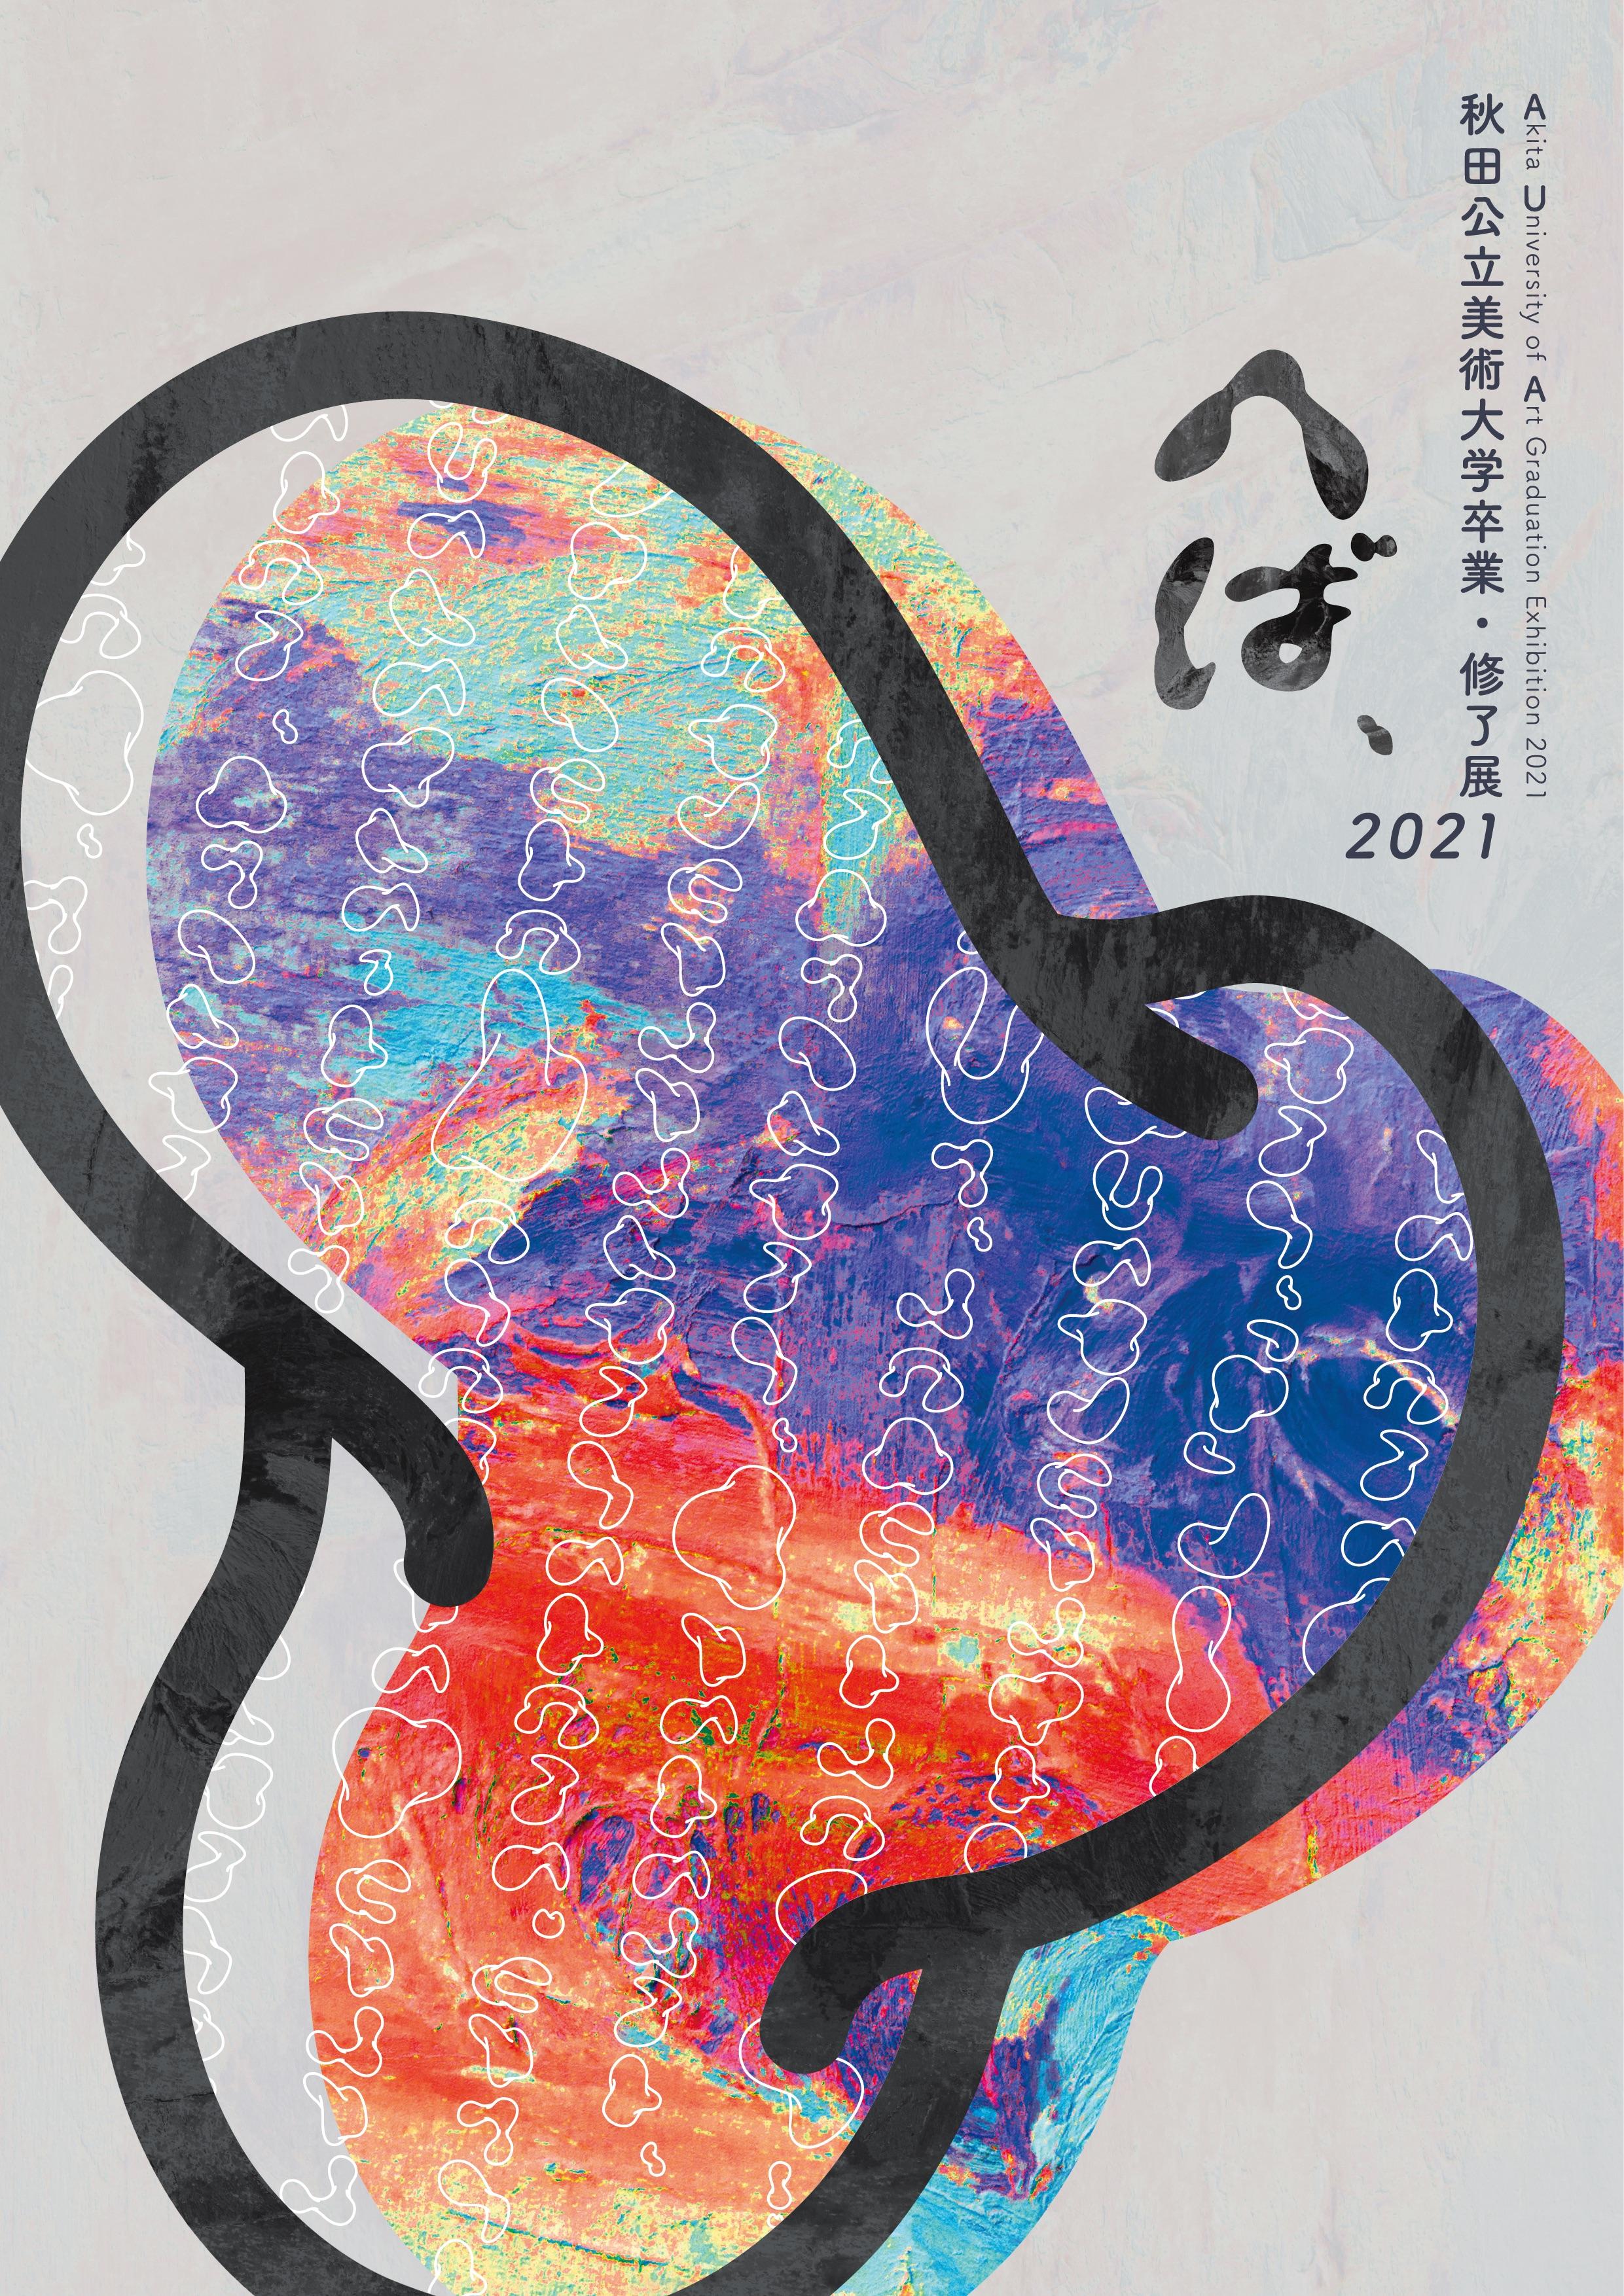 秋田公立美術大学卒業・修了展2021【へば、】を開催(2021.2/17~2021.2/21)